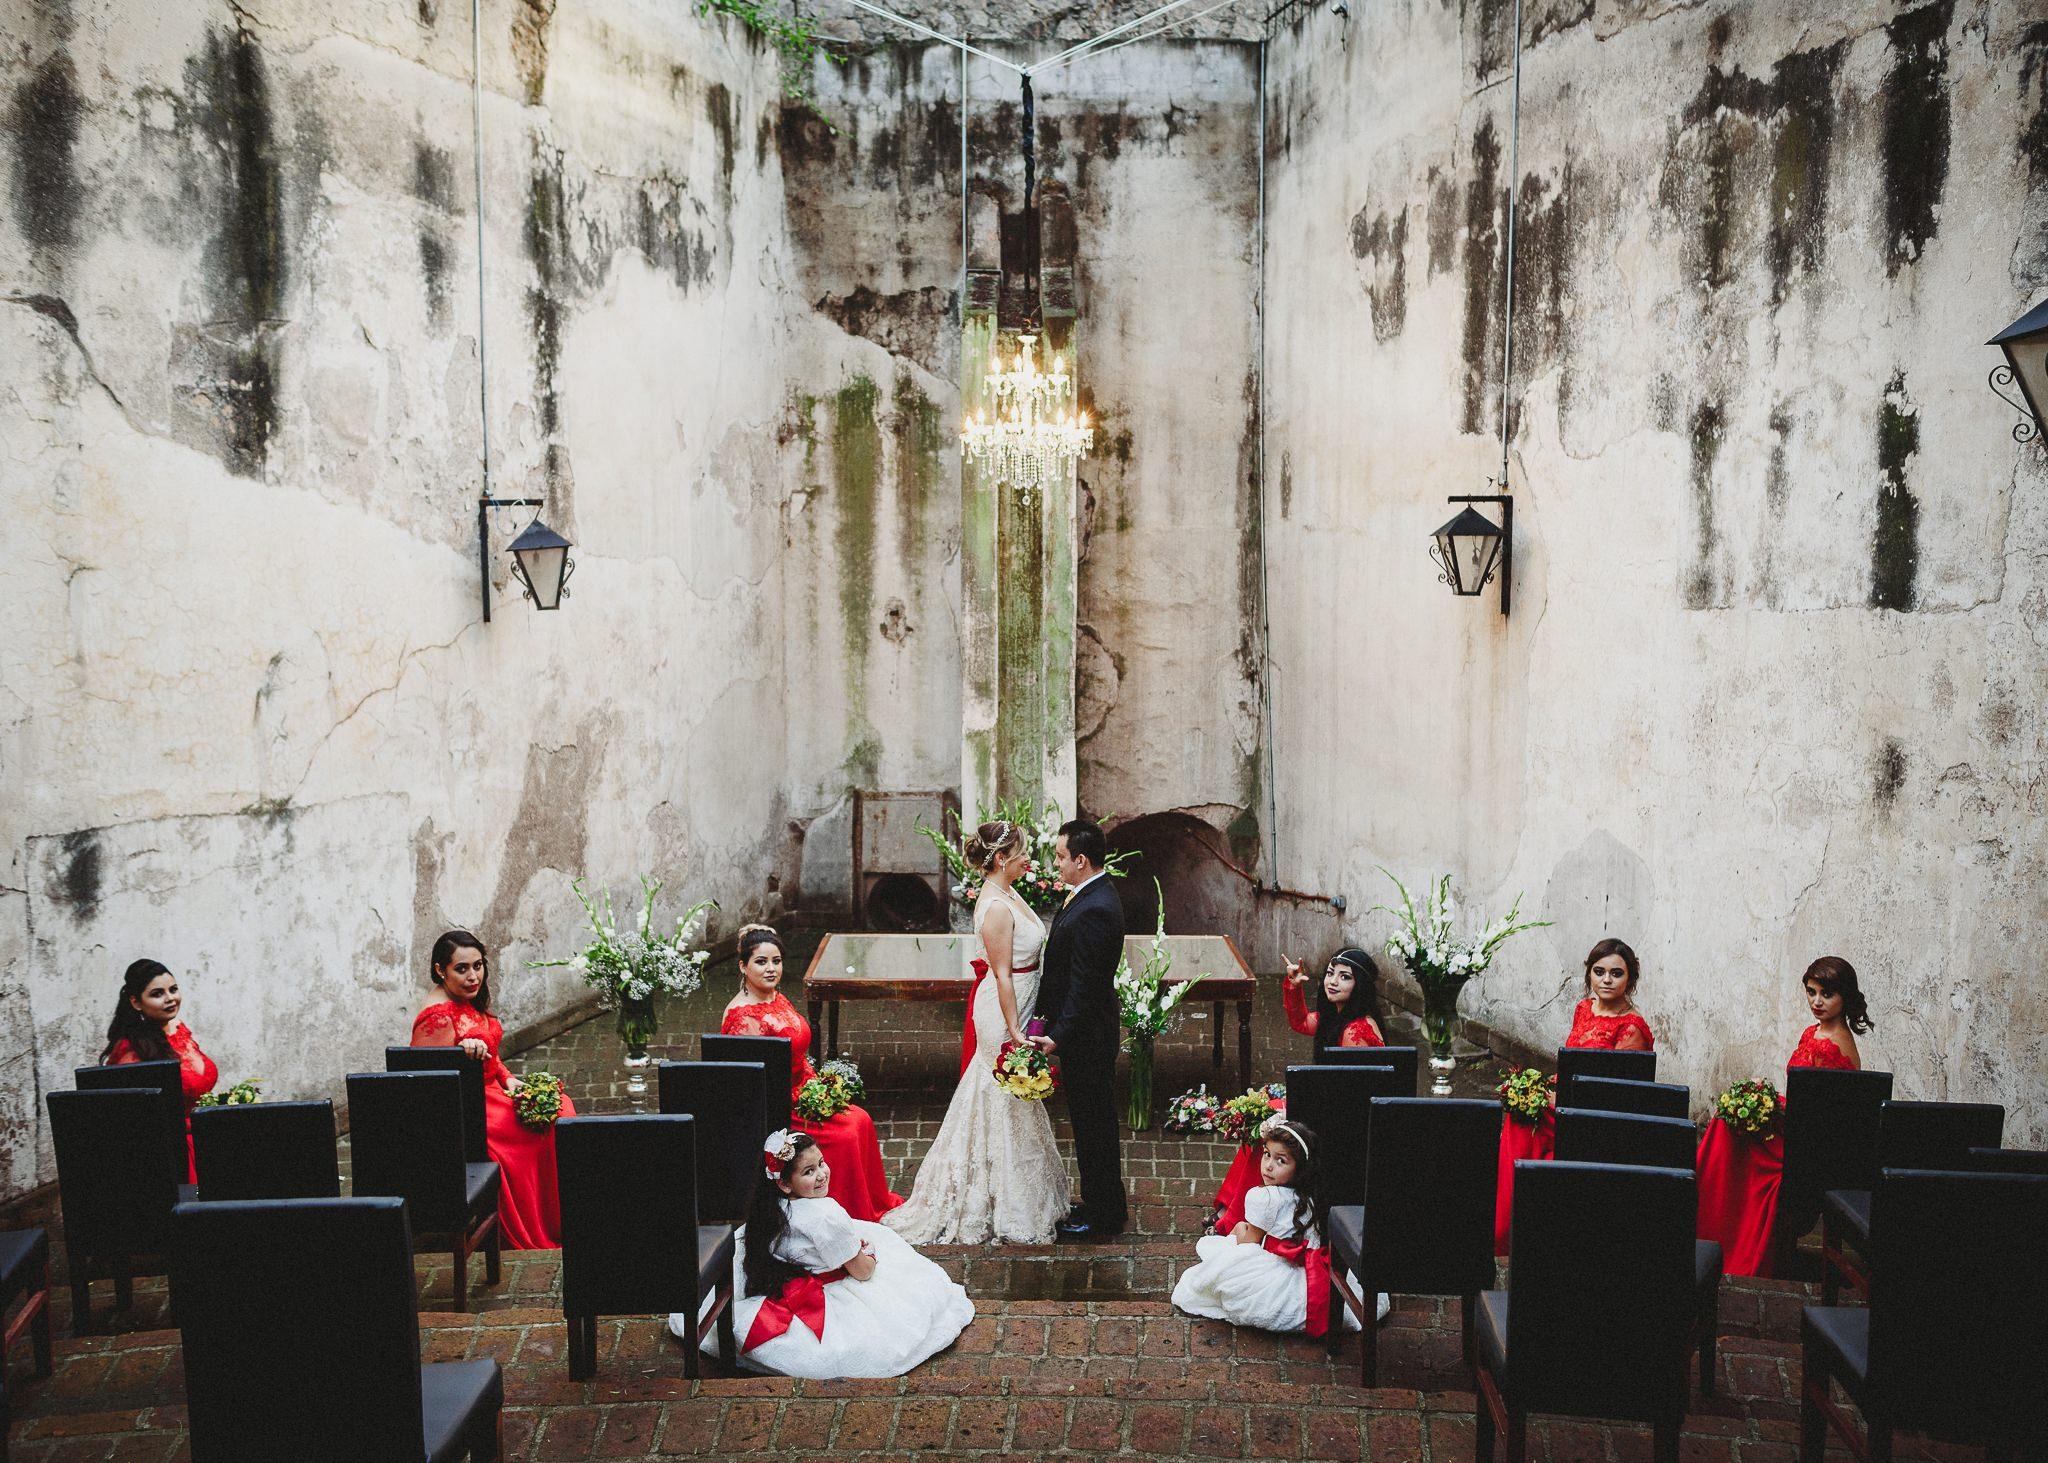 03boda-en-jardin-wedding-hacienda-los-cuartos-fotografo-luis-houdin100